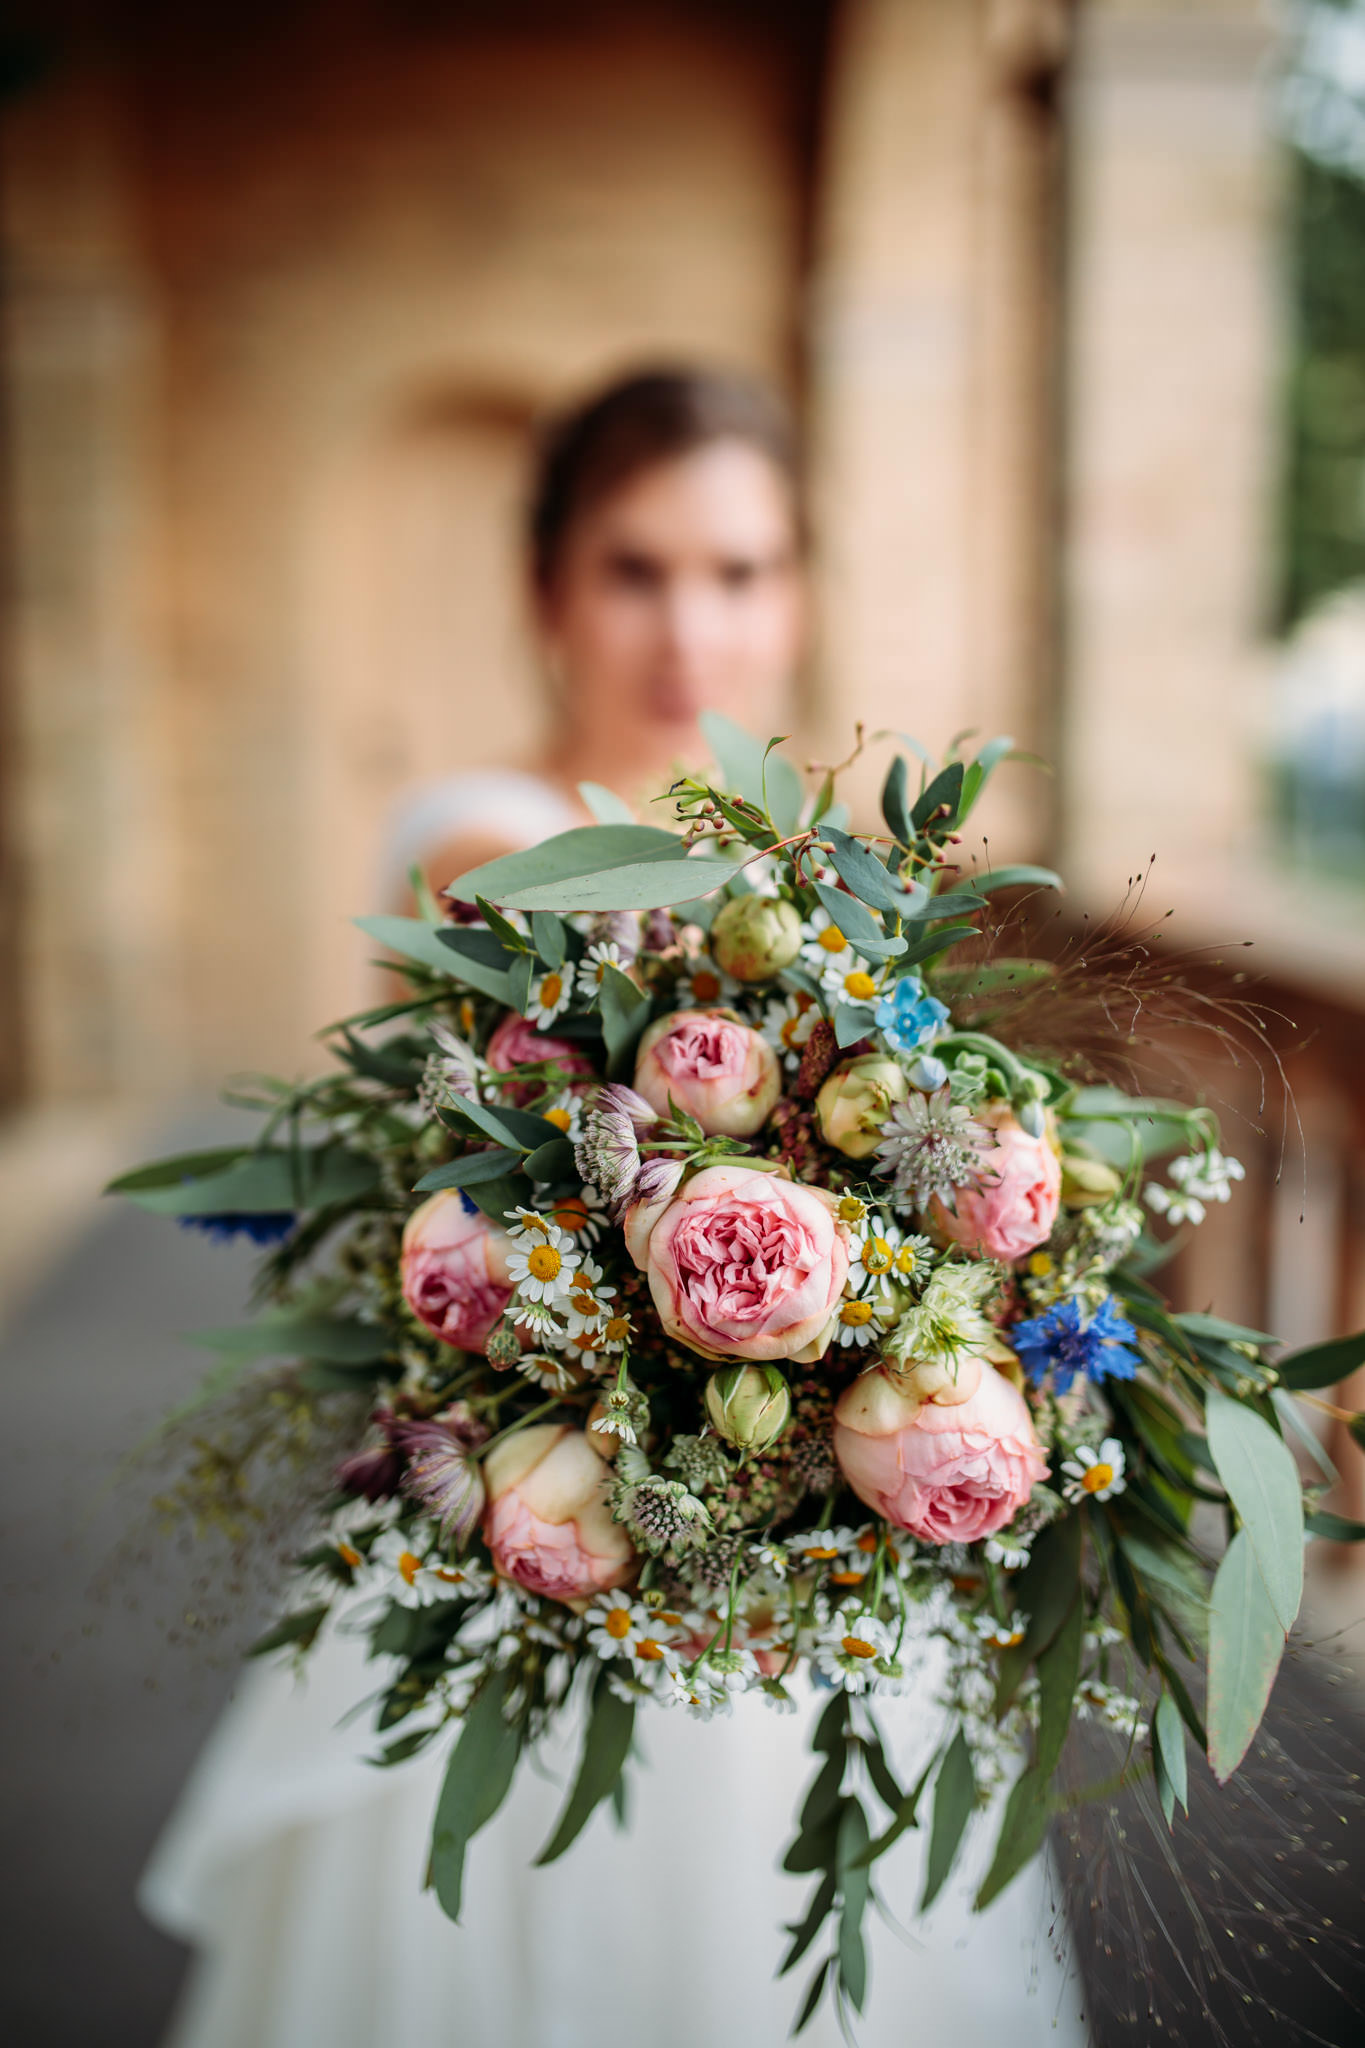 180901_freie_Trauung_Hochzeit_Potsdam_Krongut_Bornstedt_Feier_web_0018.jpg